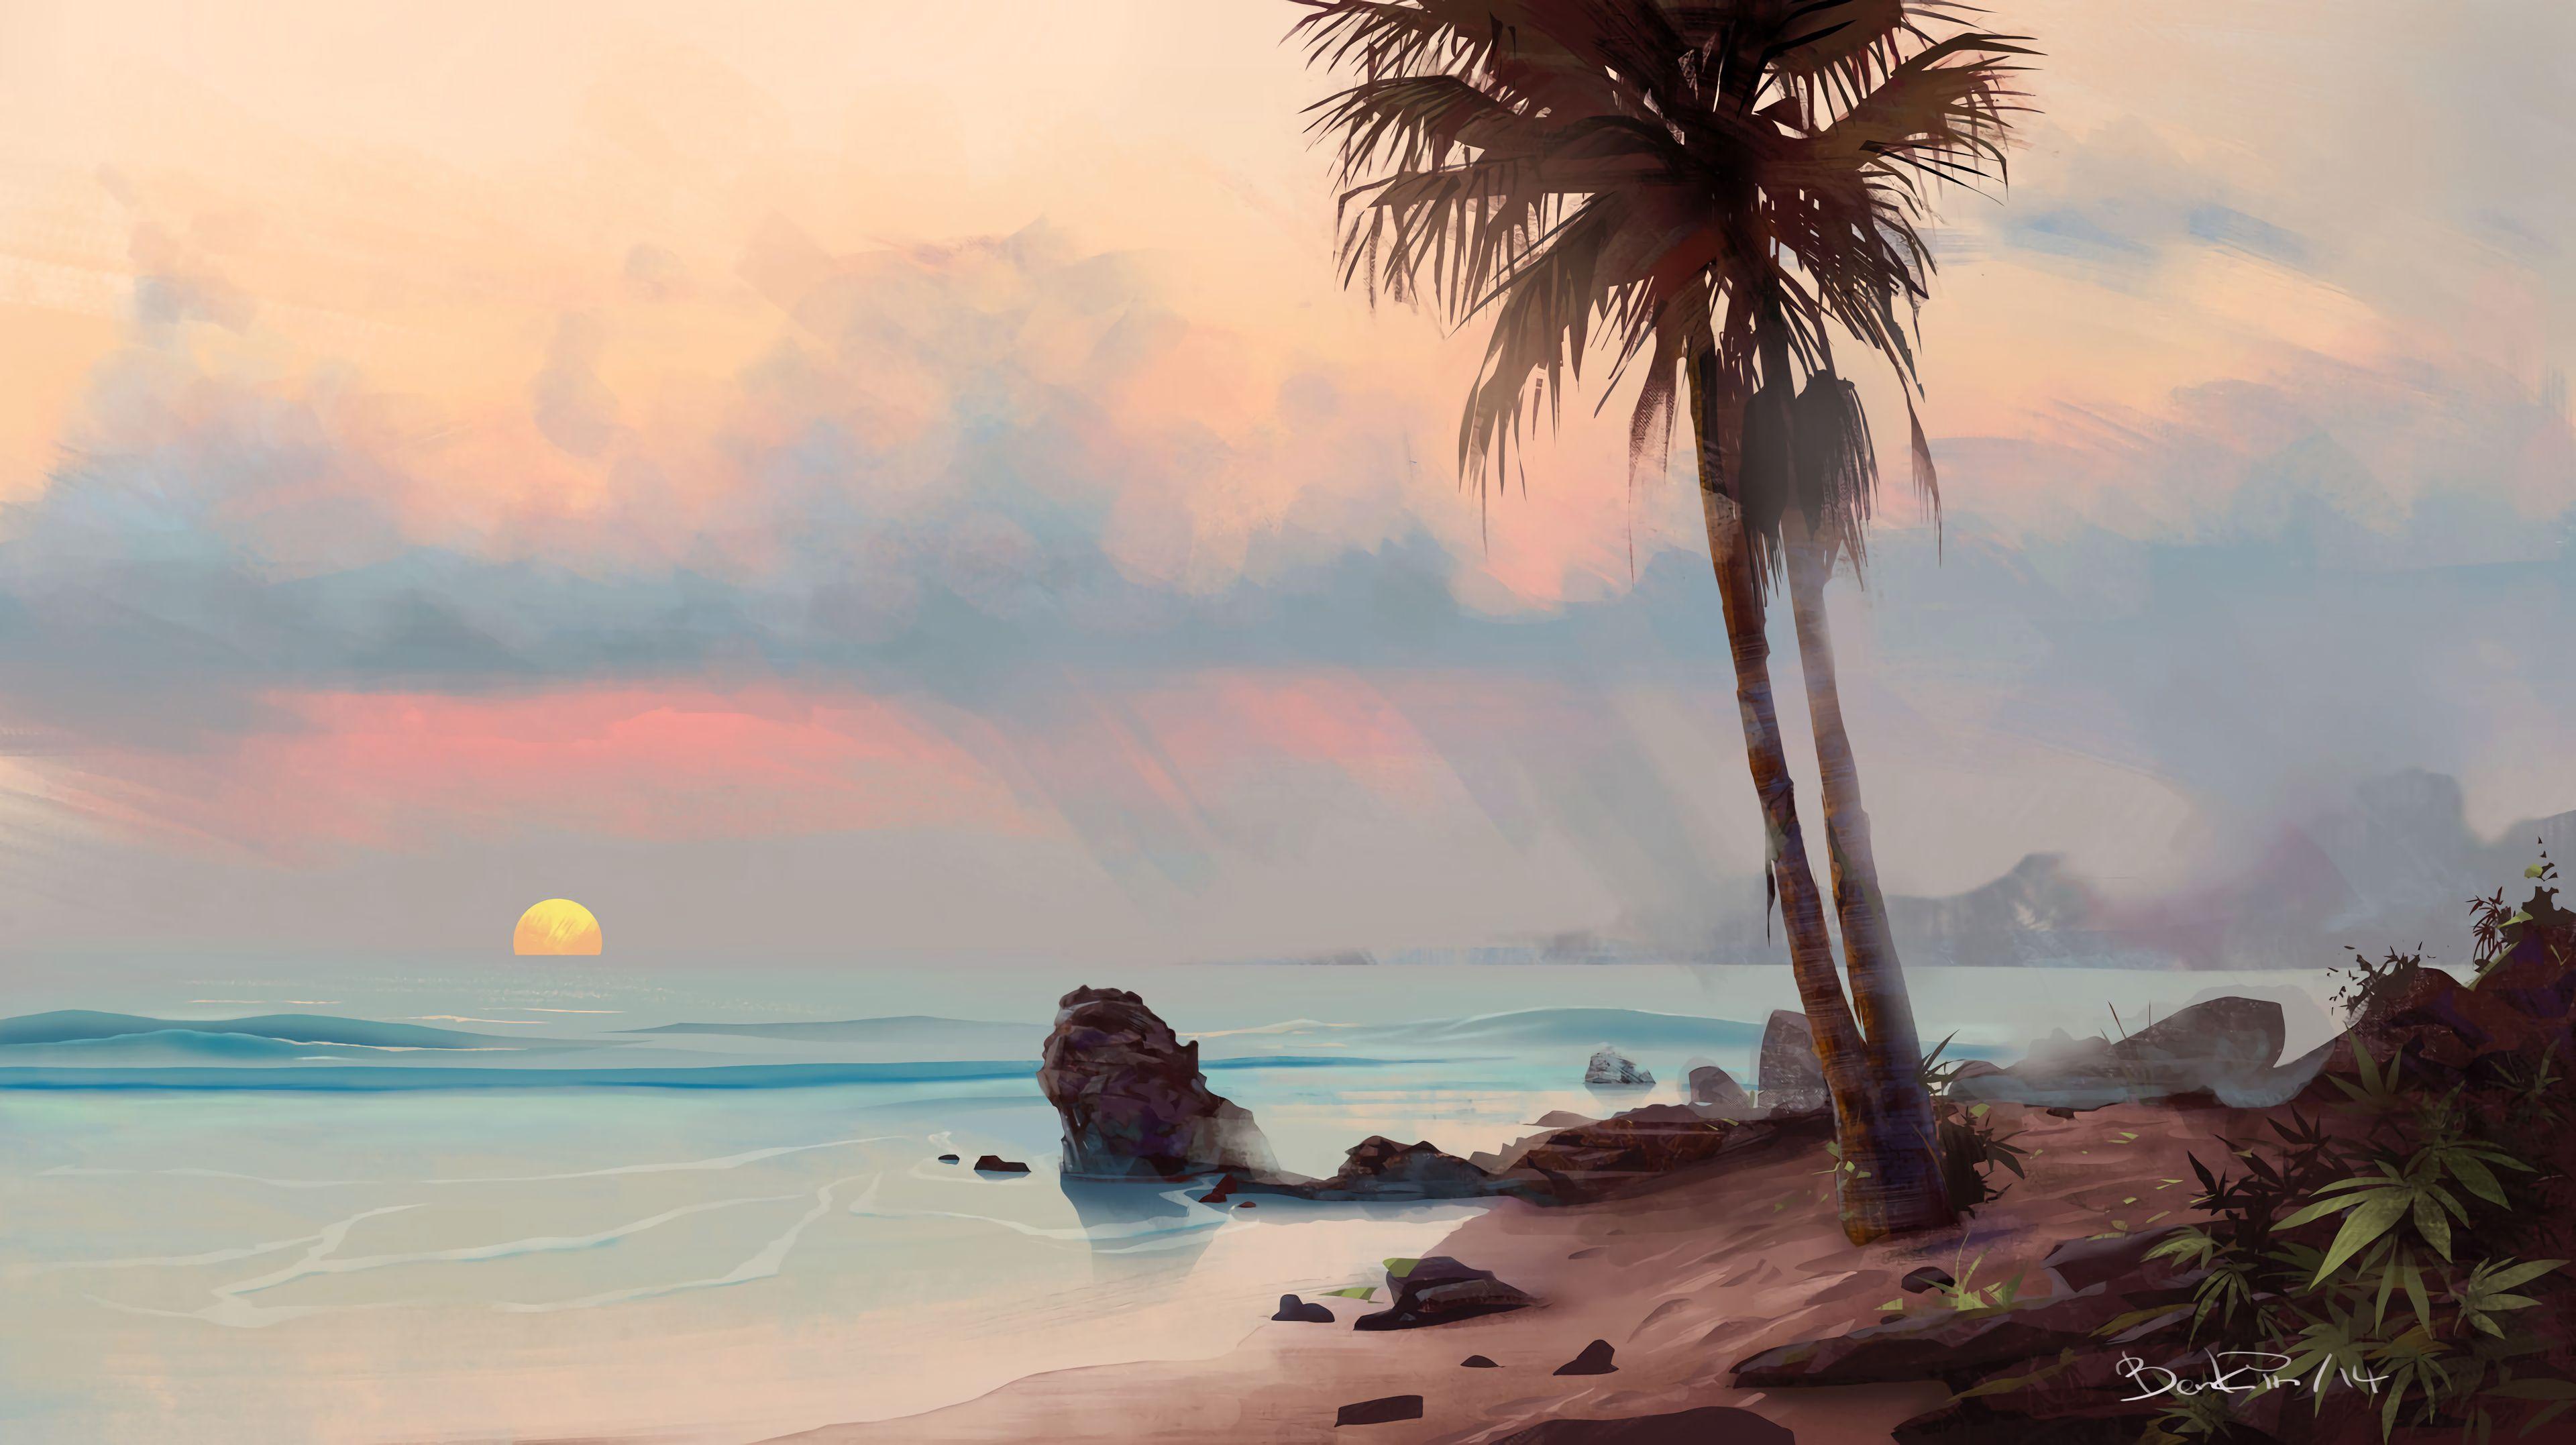 117437 免費下載壁紙 棕榈, 帕尔马, 海滩, 艺术, 支撑, 海岸, 热带, 热带地区 屏保和圖片